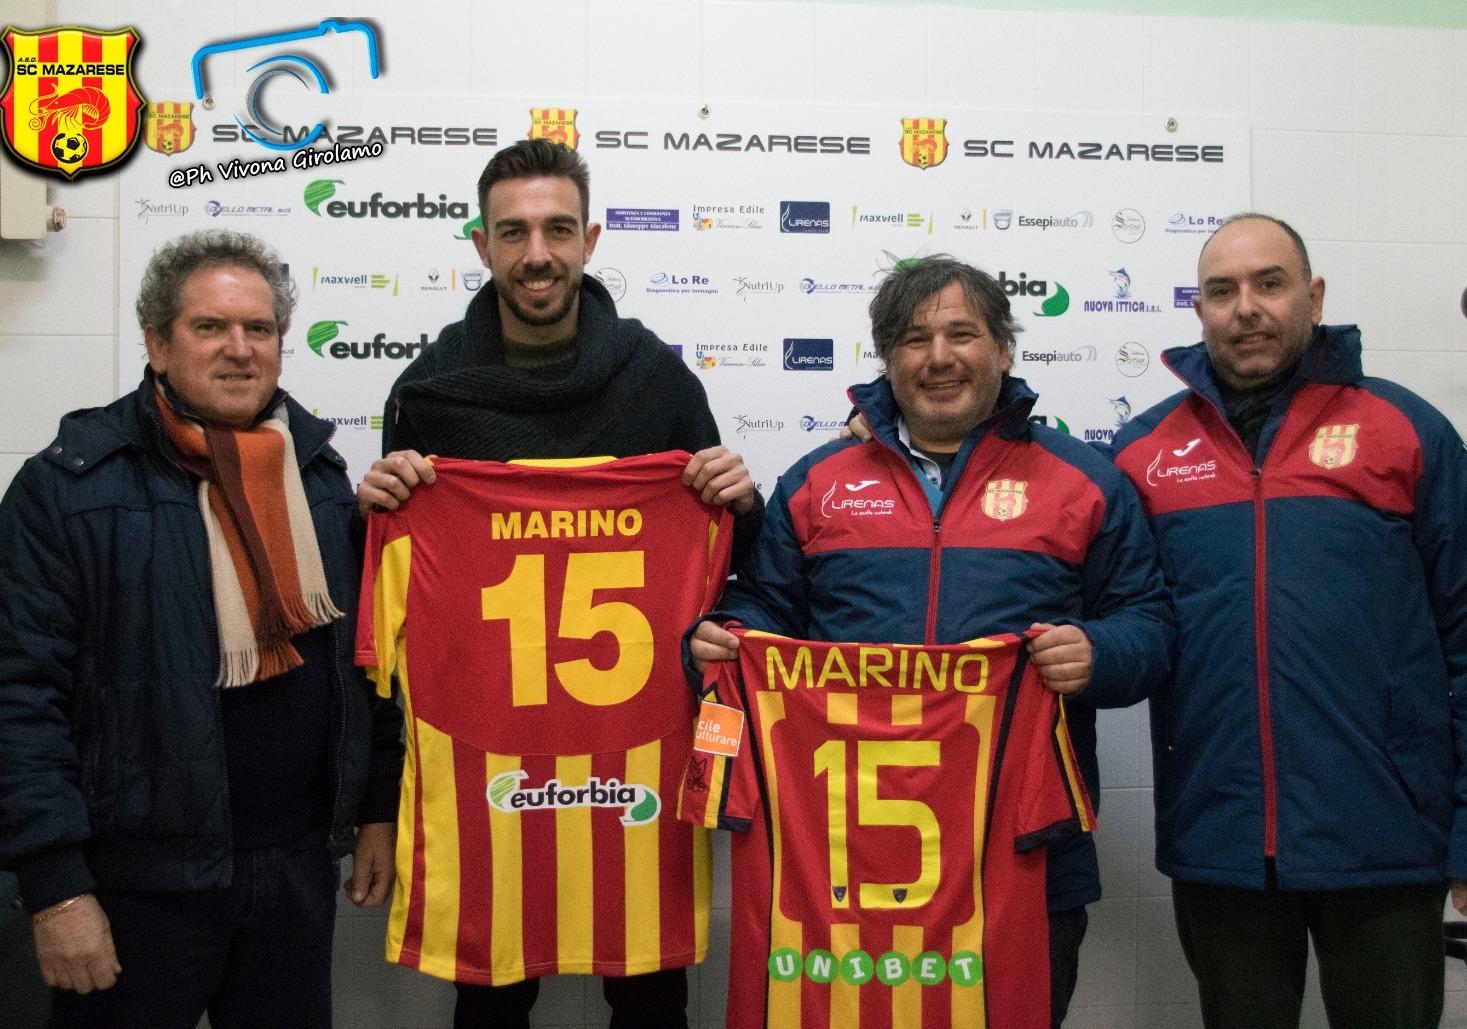 La Mazarese batte il Carini 2-0. Premiato Marino, il difensore mazarese che milita nel Lecce